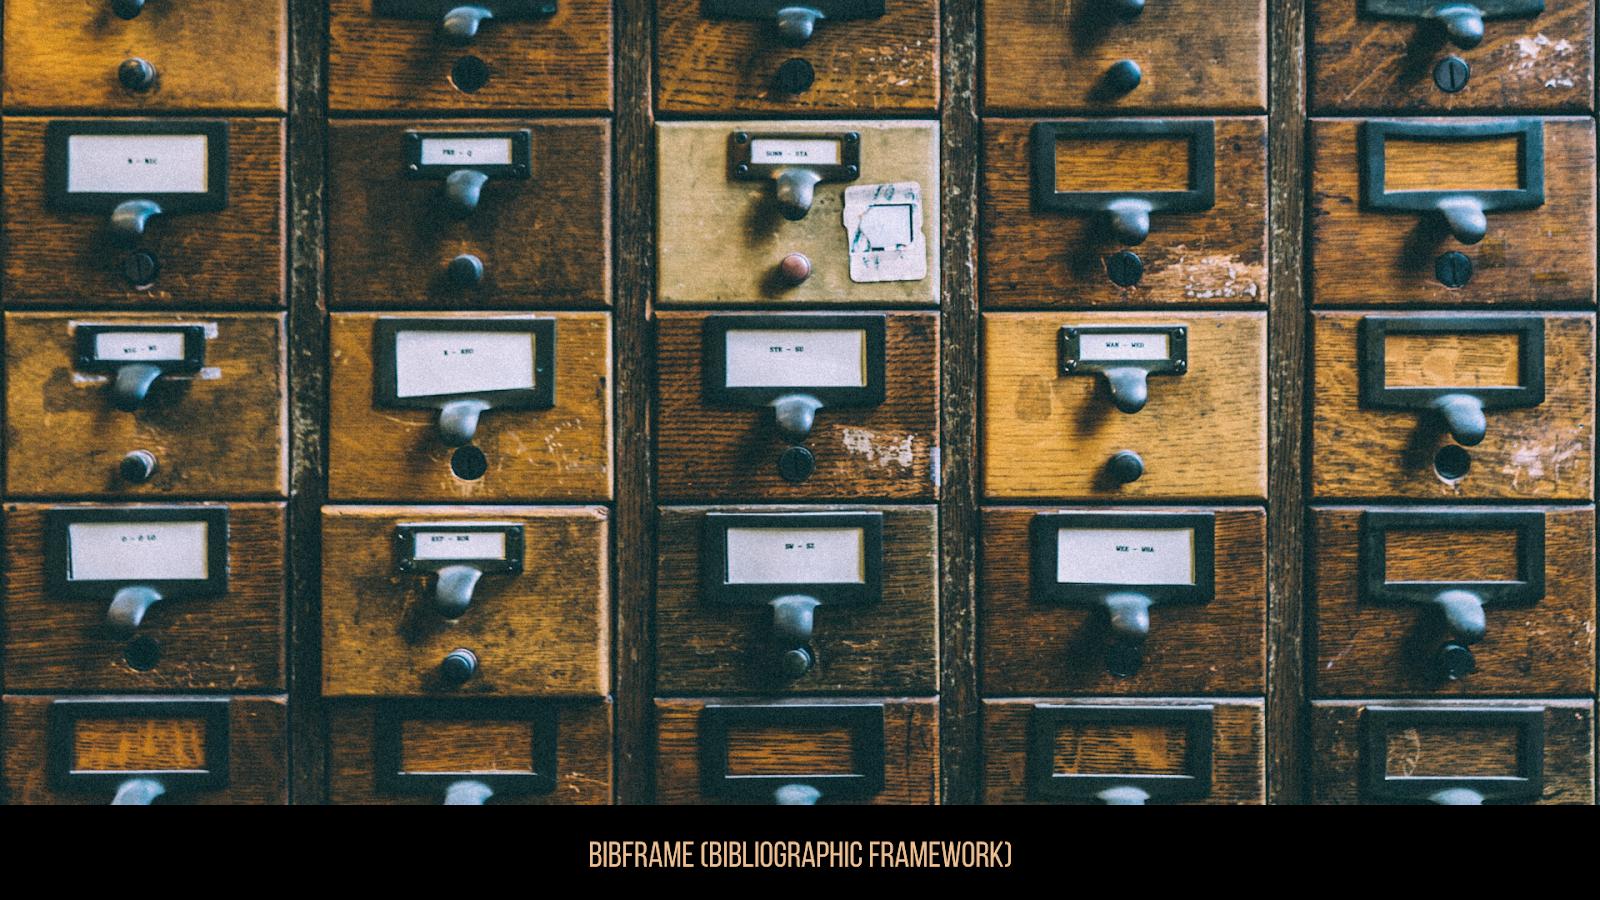 BIBFRAME (Bibliographic Framework)